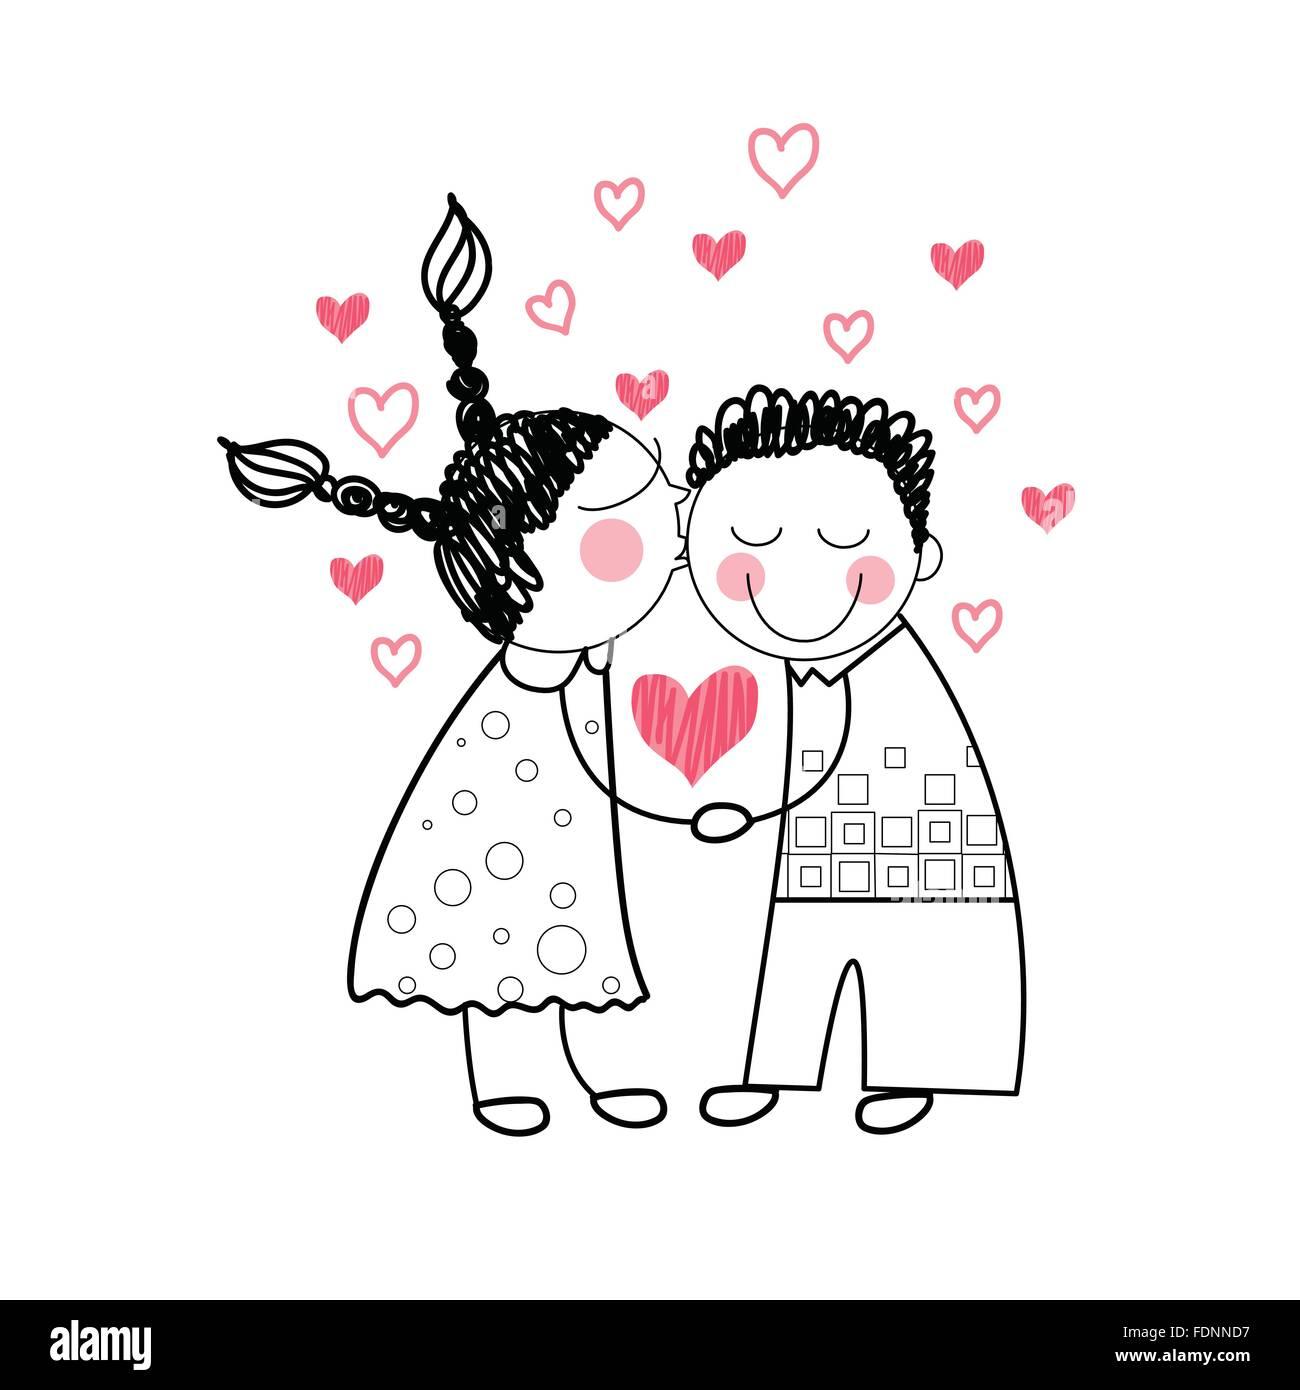 Rotes Herz Form Liebe Hand In Hand Einfache Linie Zeichnen Vektor